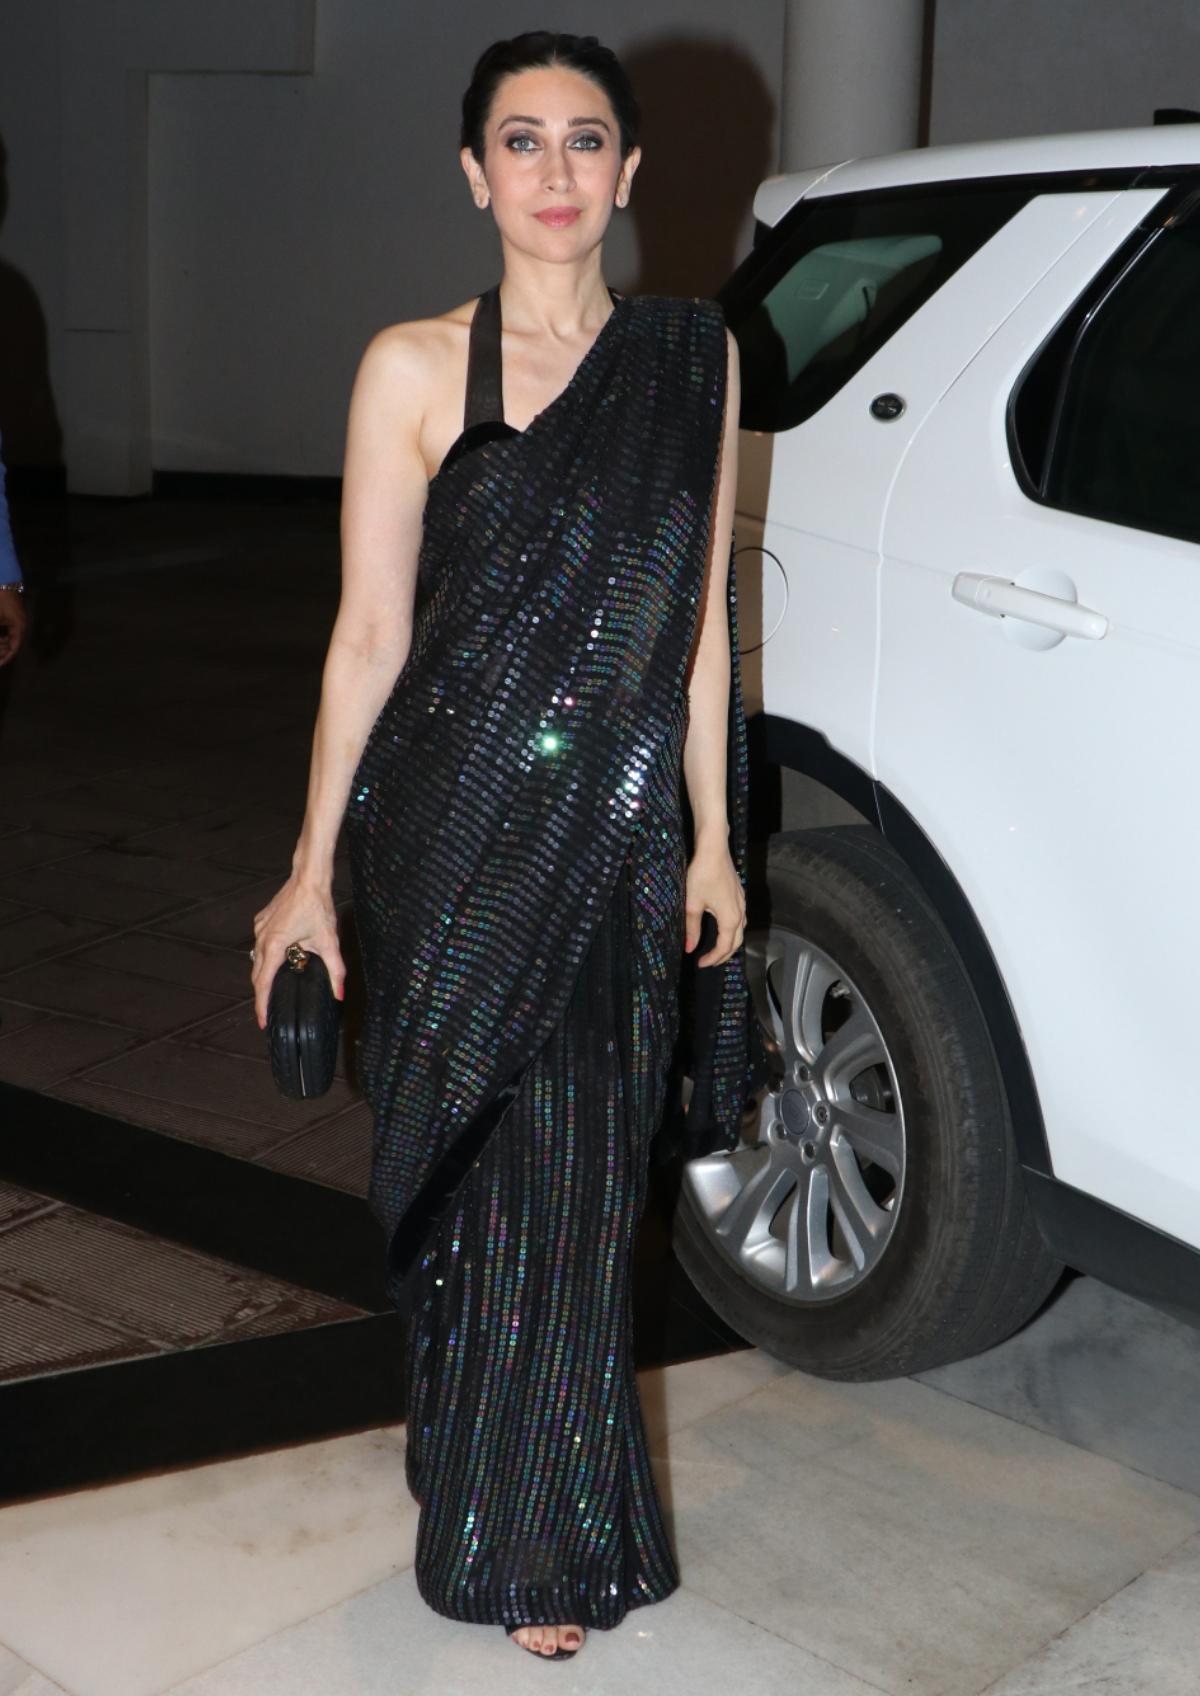 Karisma Kapoor Takes Fashion Inspo From Sister Kareena For Lfw 2019 Who Wore The Saree Better Lifestyle News